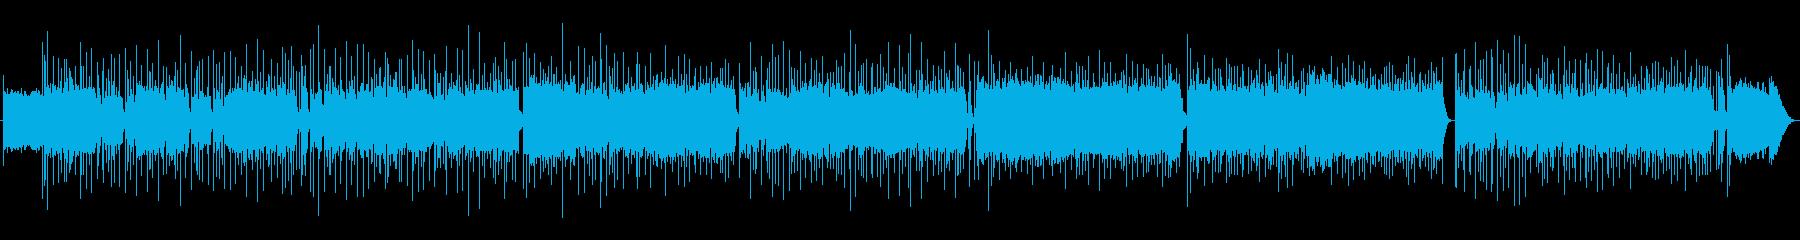 映像作品向け:ノリが良いギターのR&Rの再生済みの波形